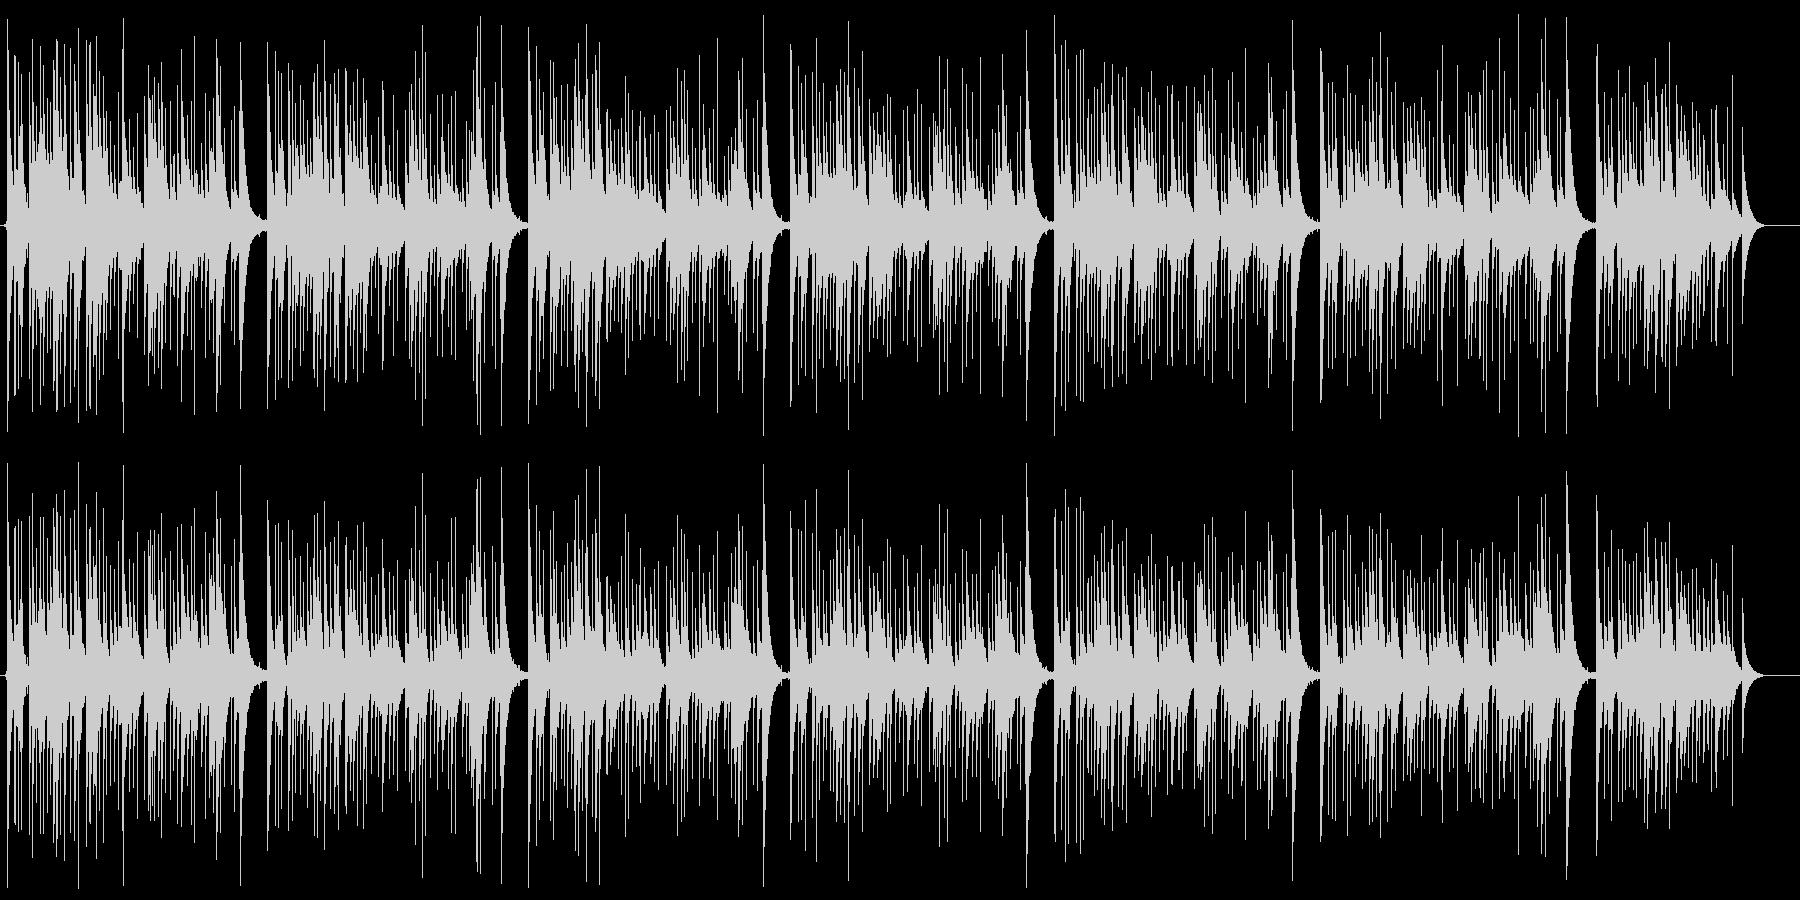 【生録音】オルゴール-カノン-01の未再生の波形